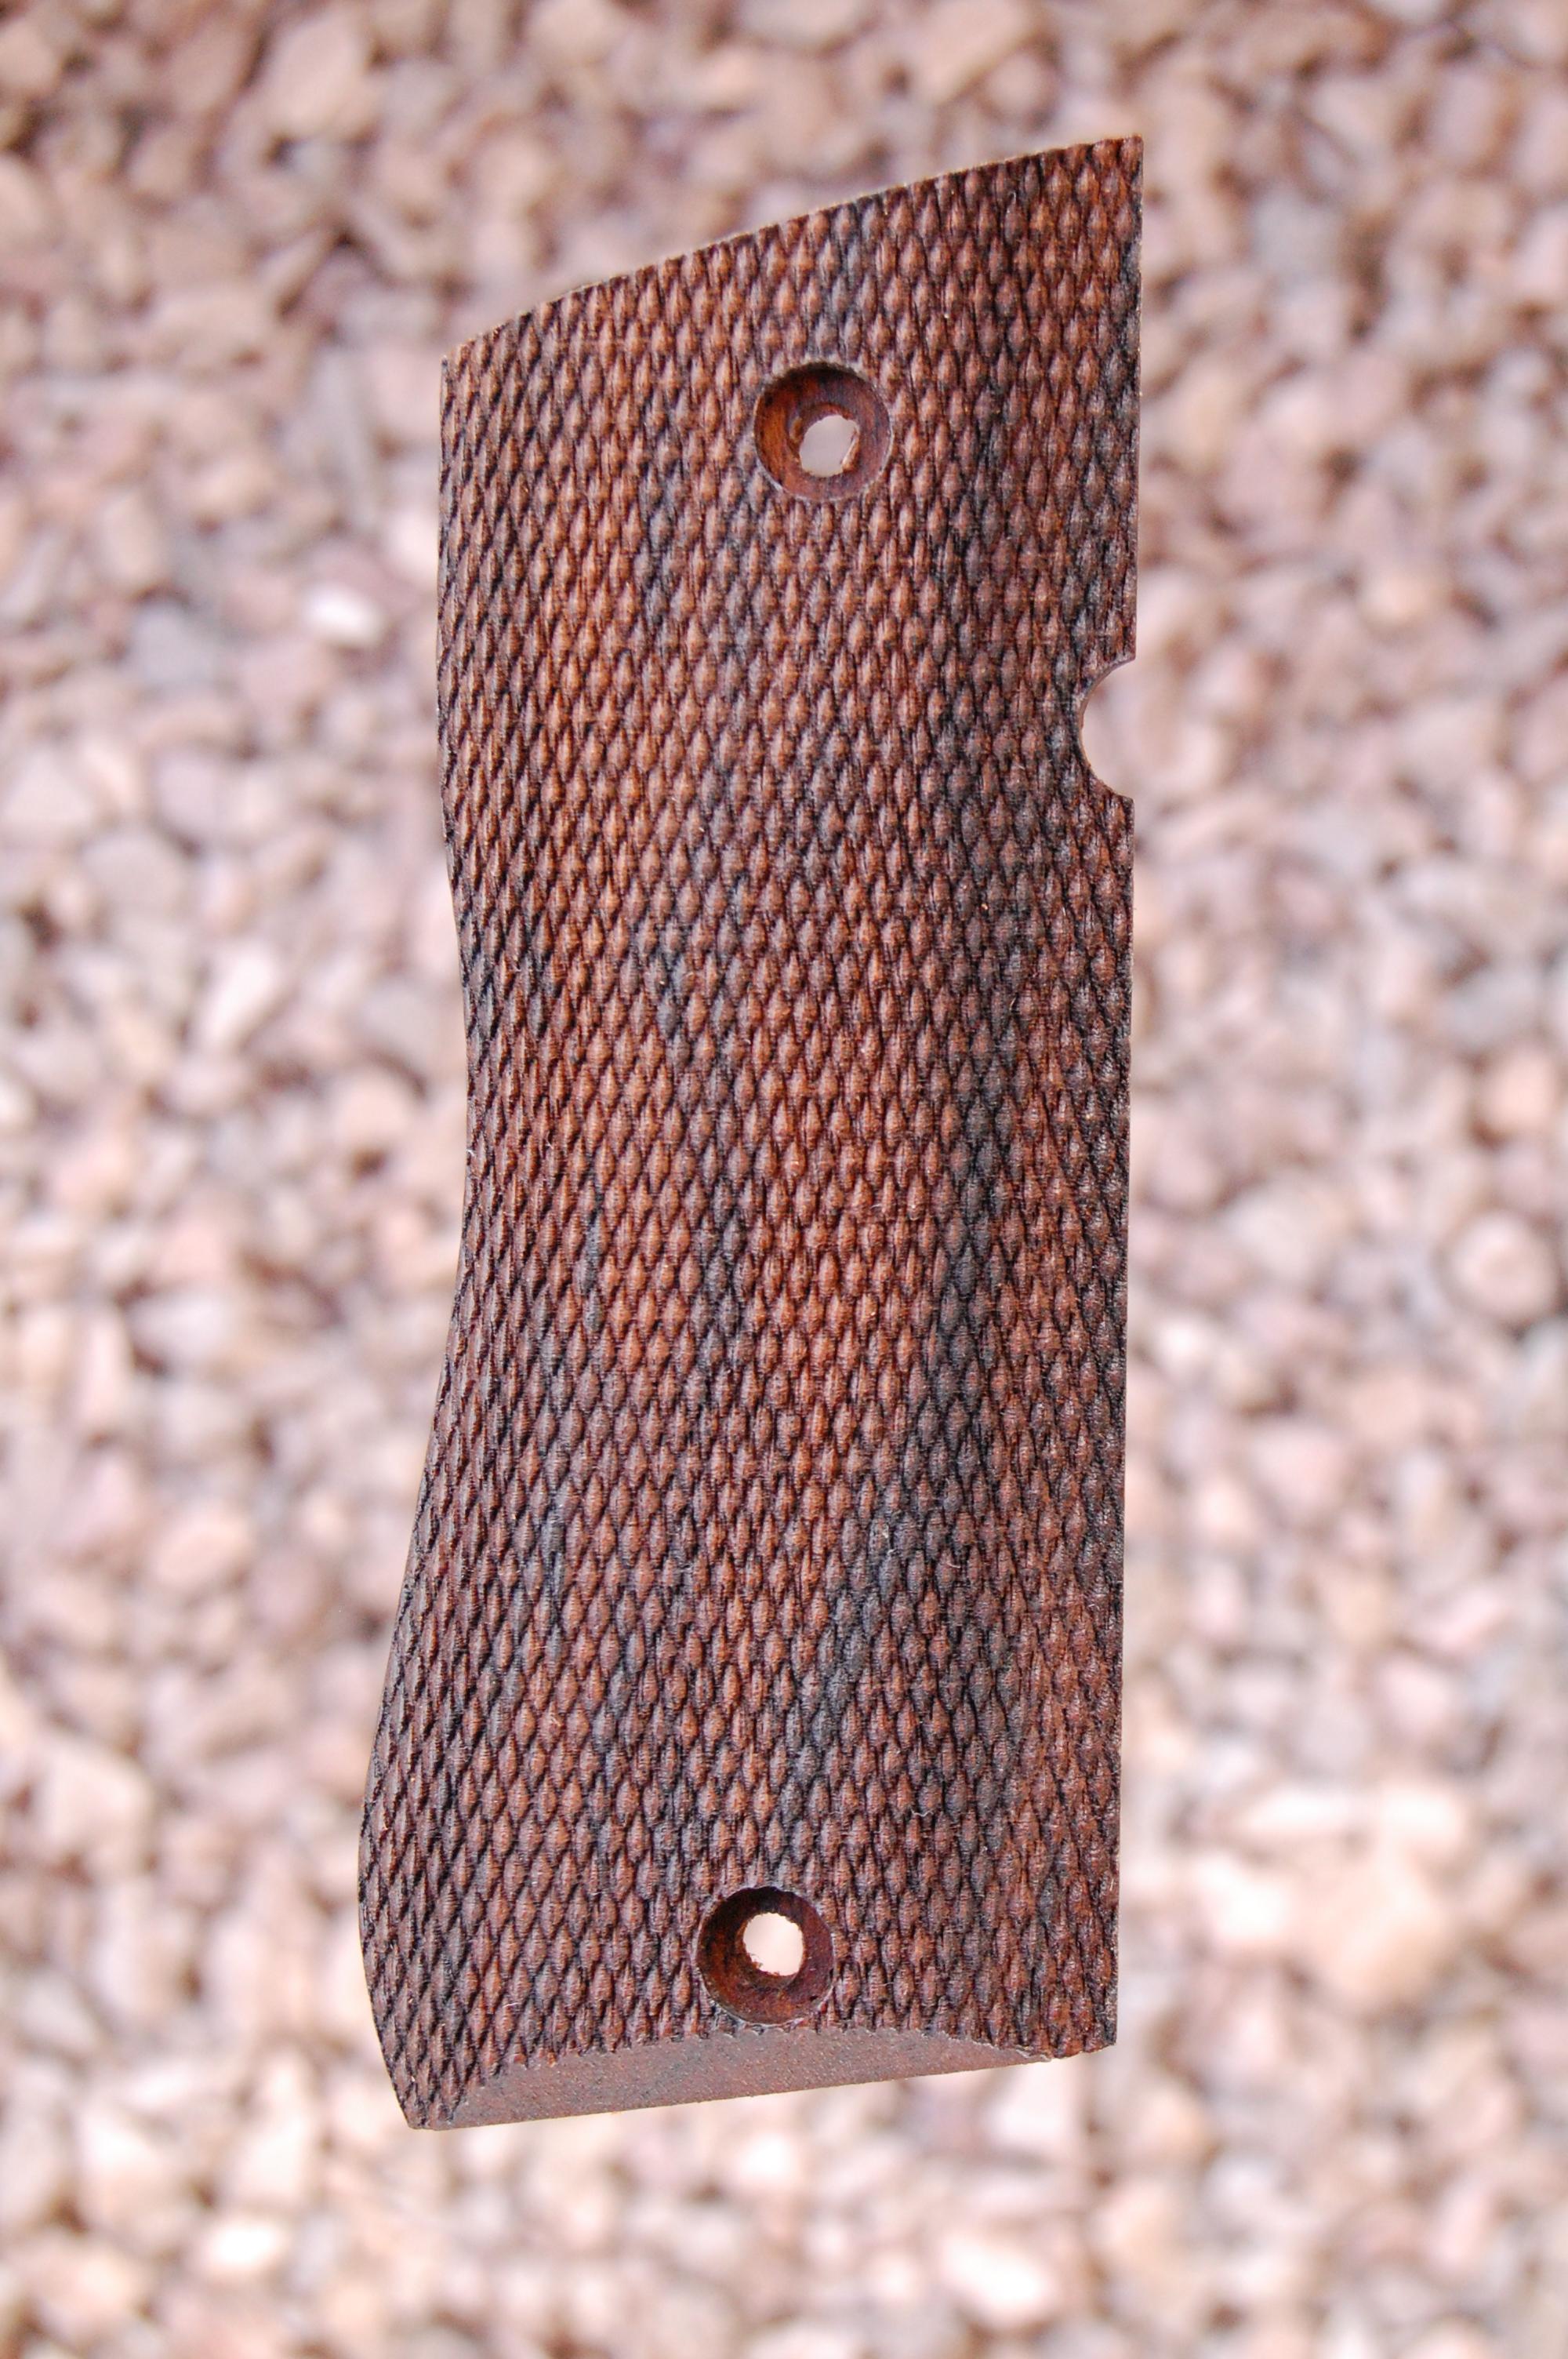 STAR BM grips (fully checkered) - full size